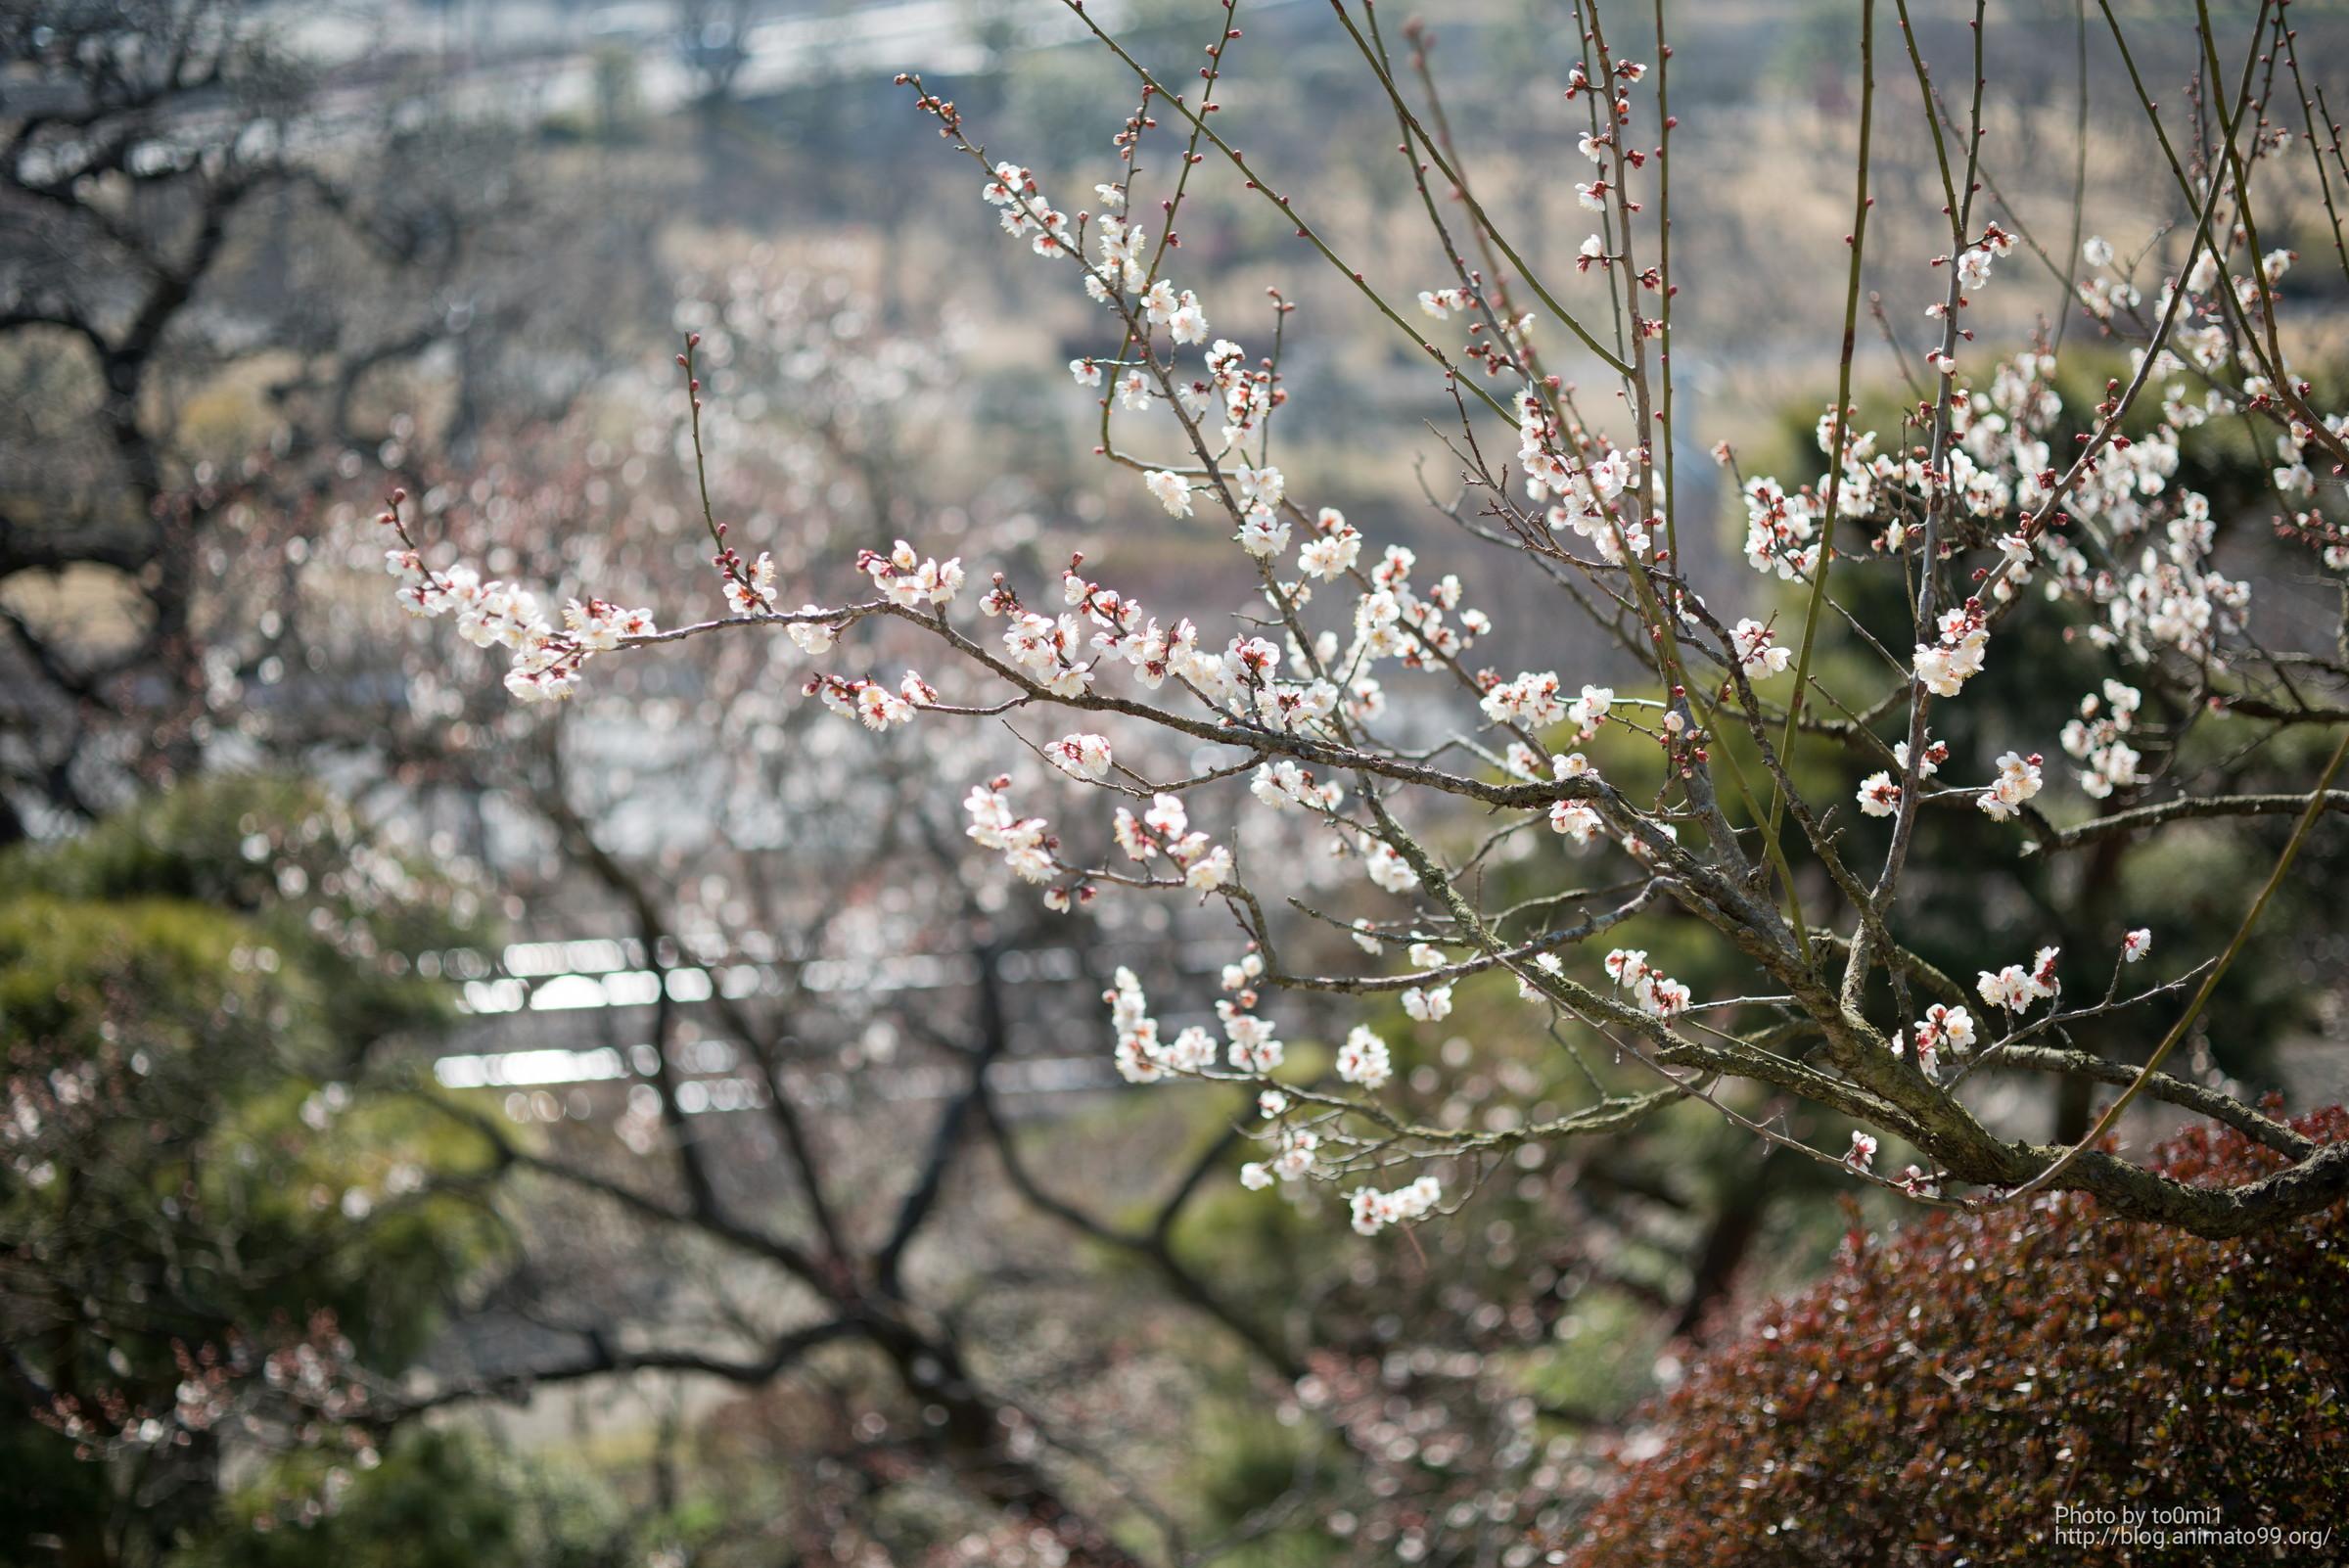 偕楽園に行って、マクロプラナーとSIGMA 60mm F/2.8 DN で梅を撮りまくってきた